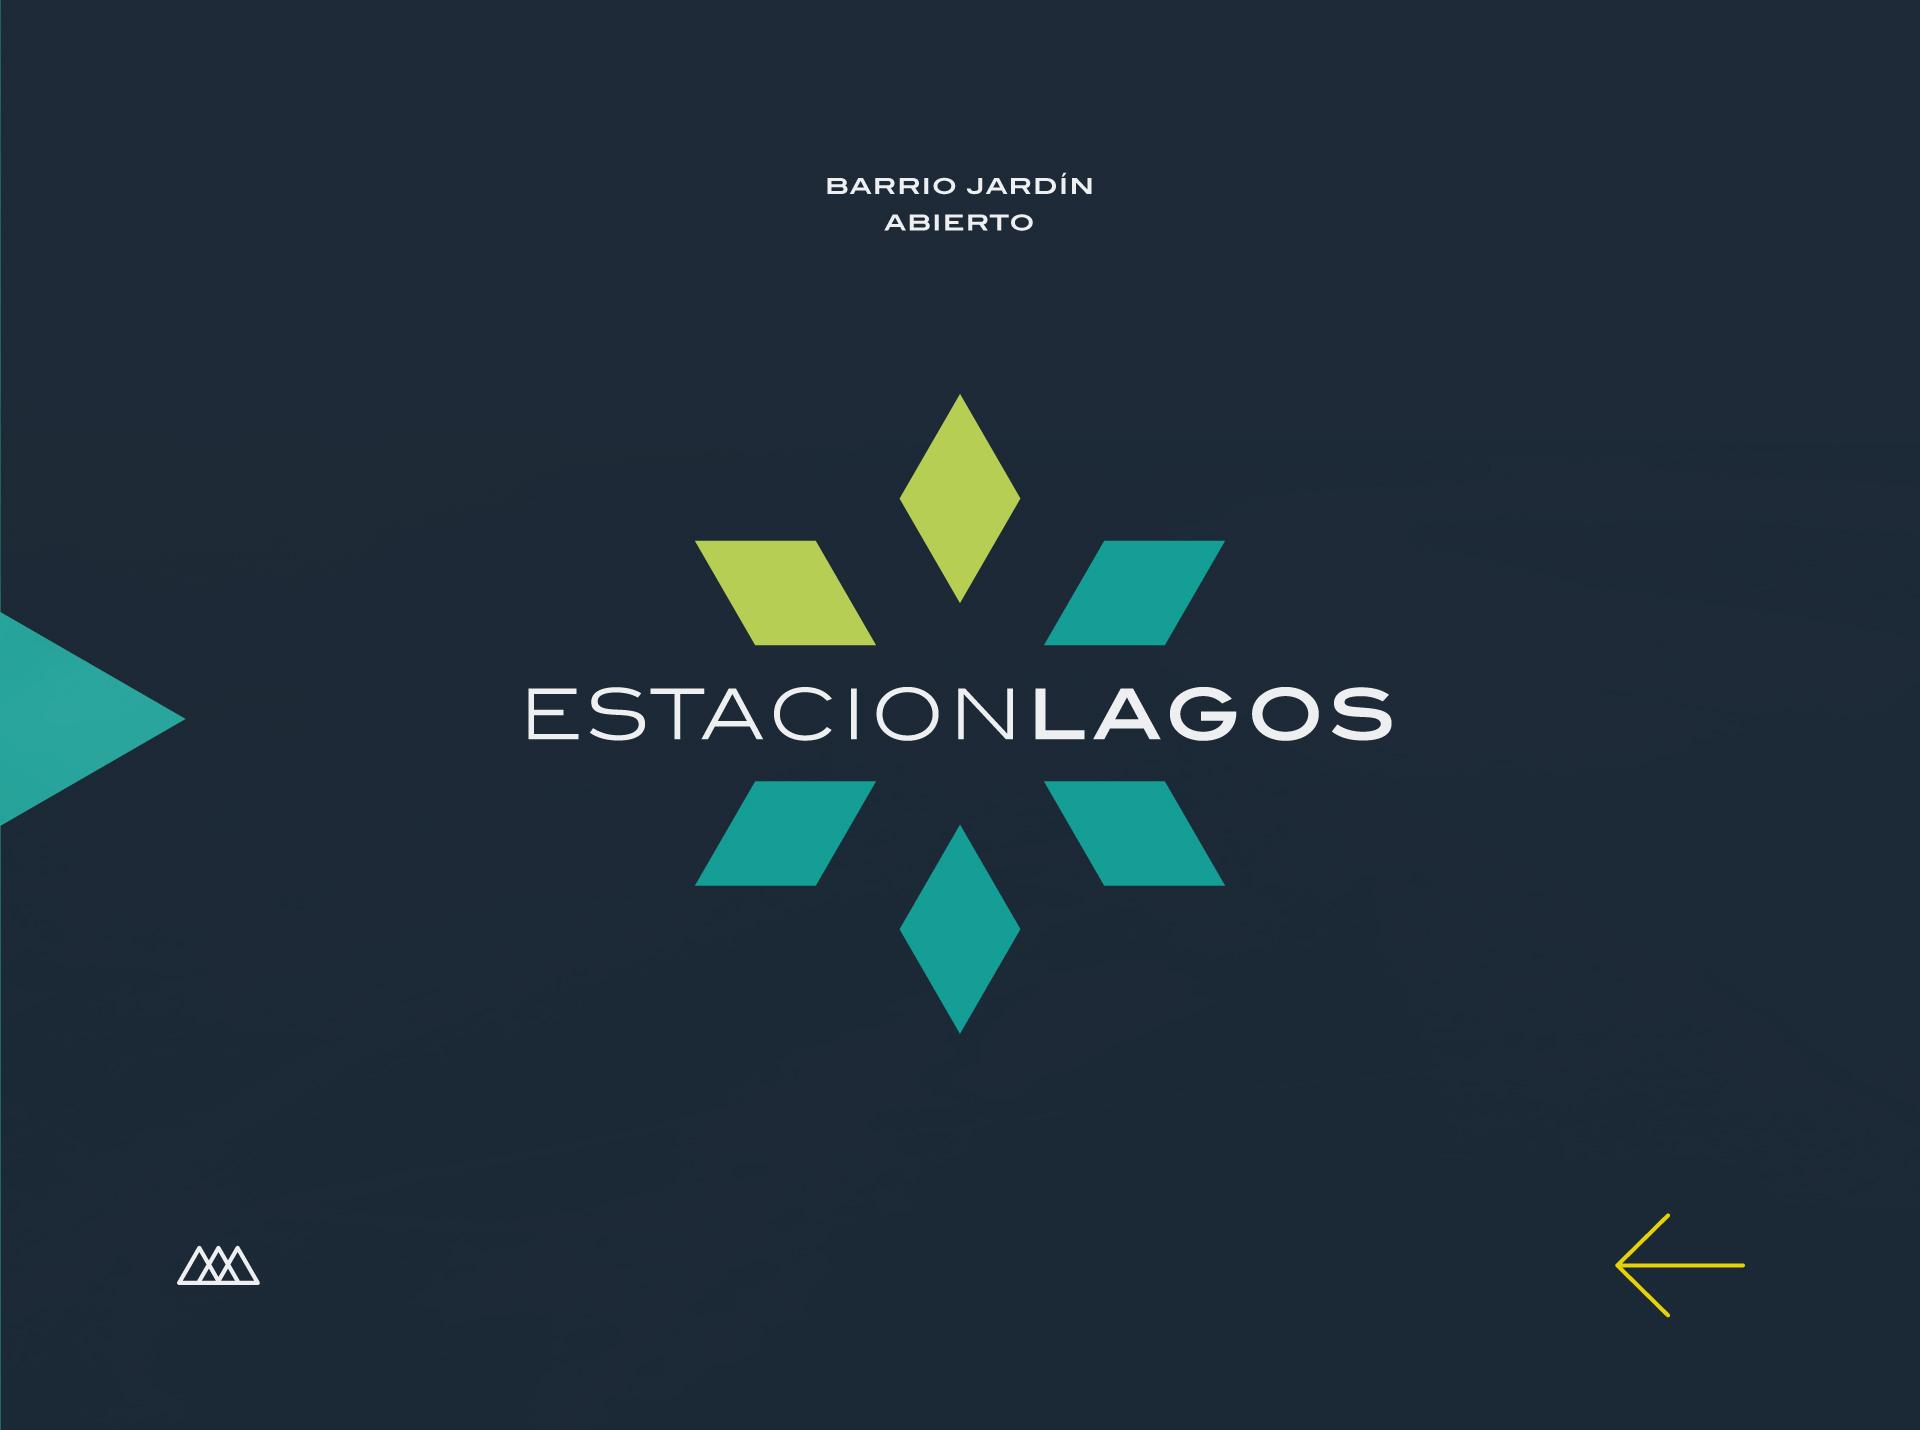 Lagos presentacion